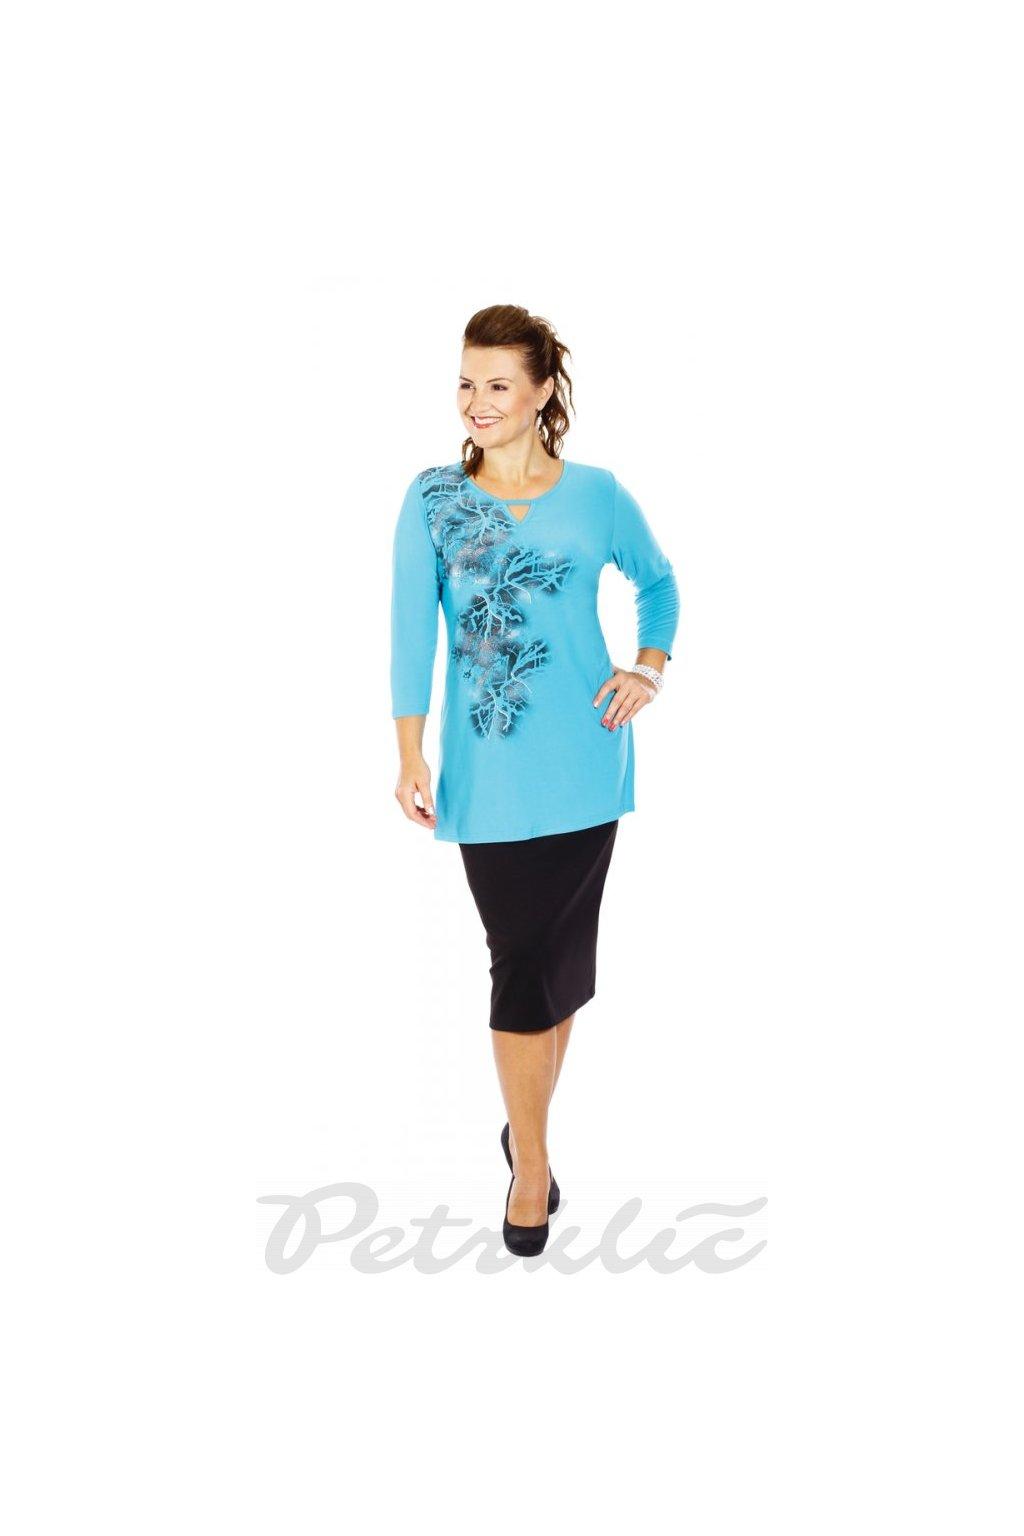 OTKA - teplejší sukně 73 cm